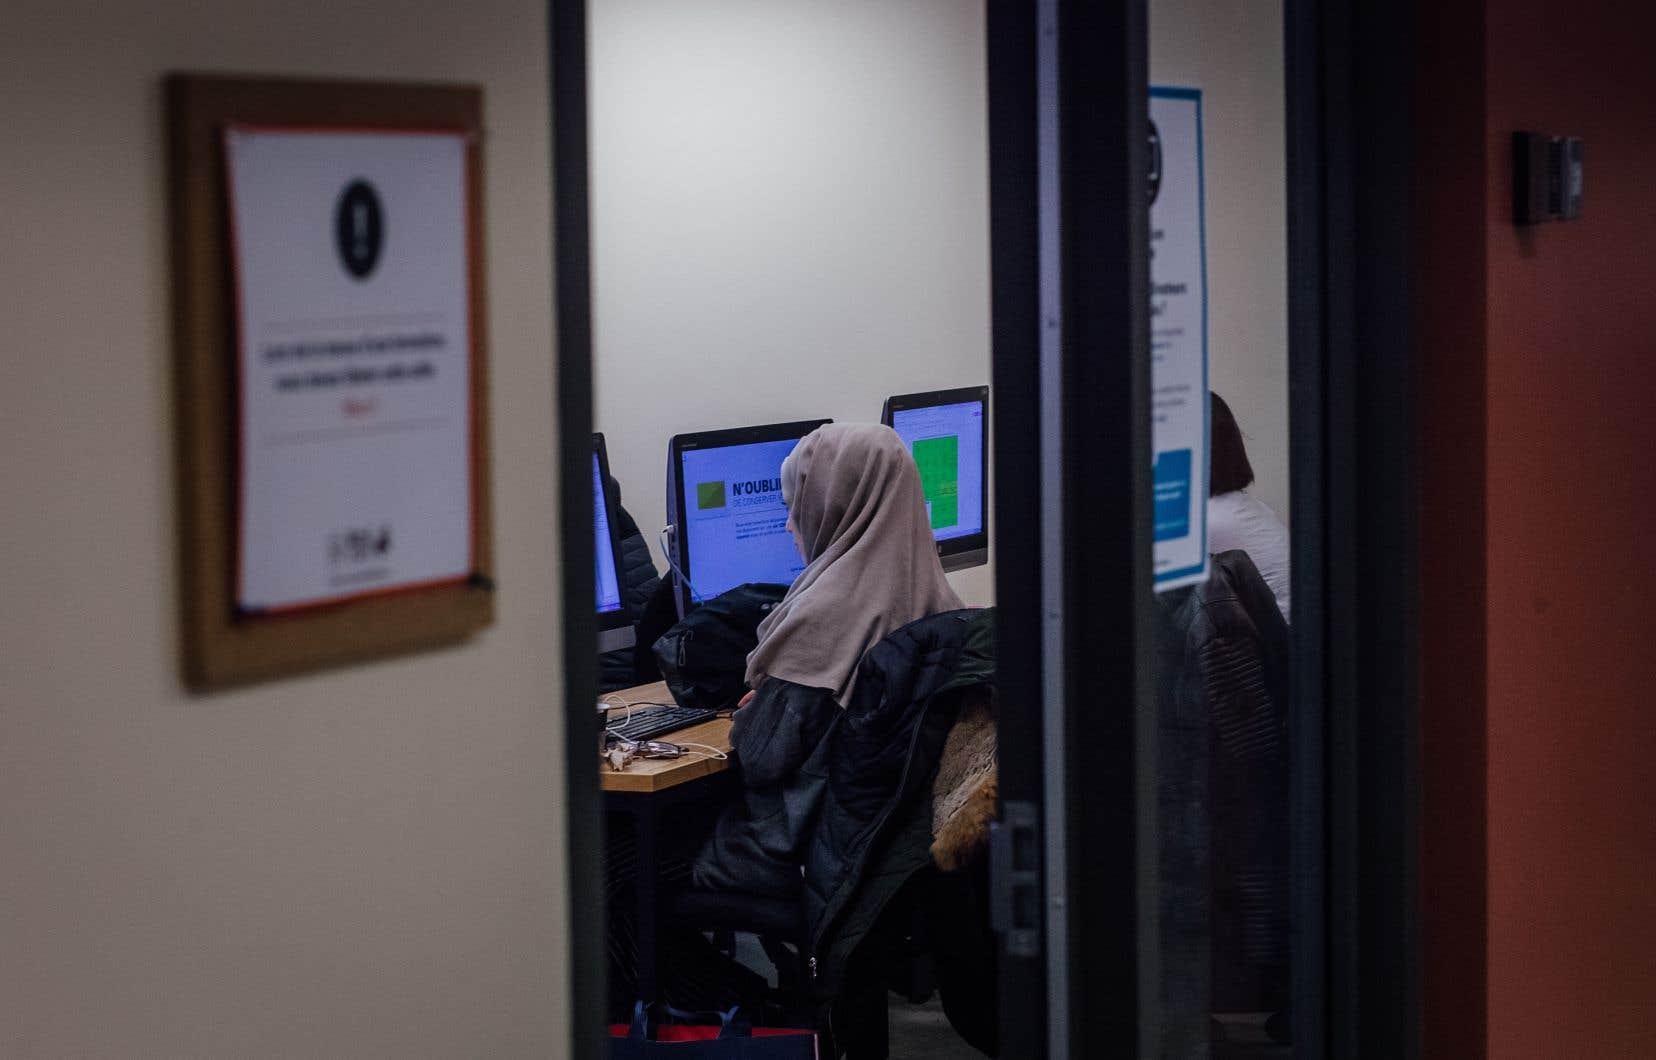 Mardi, la mairesse de Montréal, Valérie Plante, a affirmé s'inquiéter de l'impact de l'interdiction du port des signes religieux sur le taux d'emploi des femmes immigrantes.